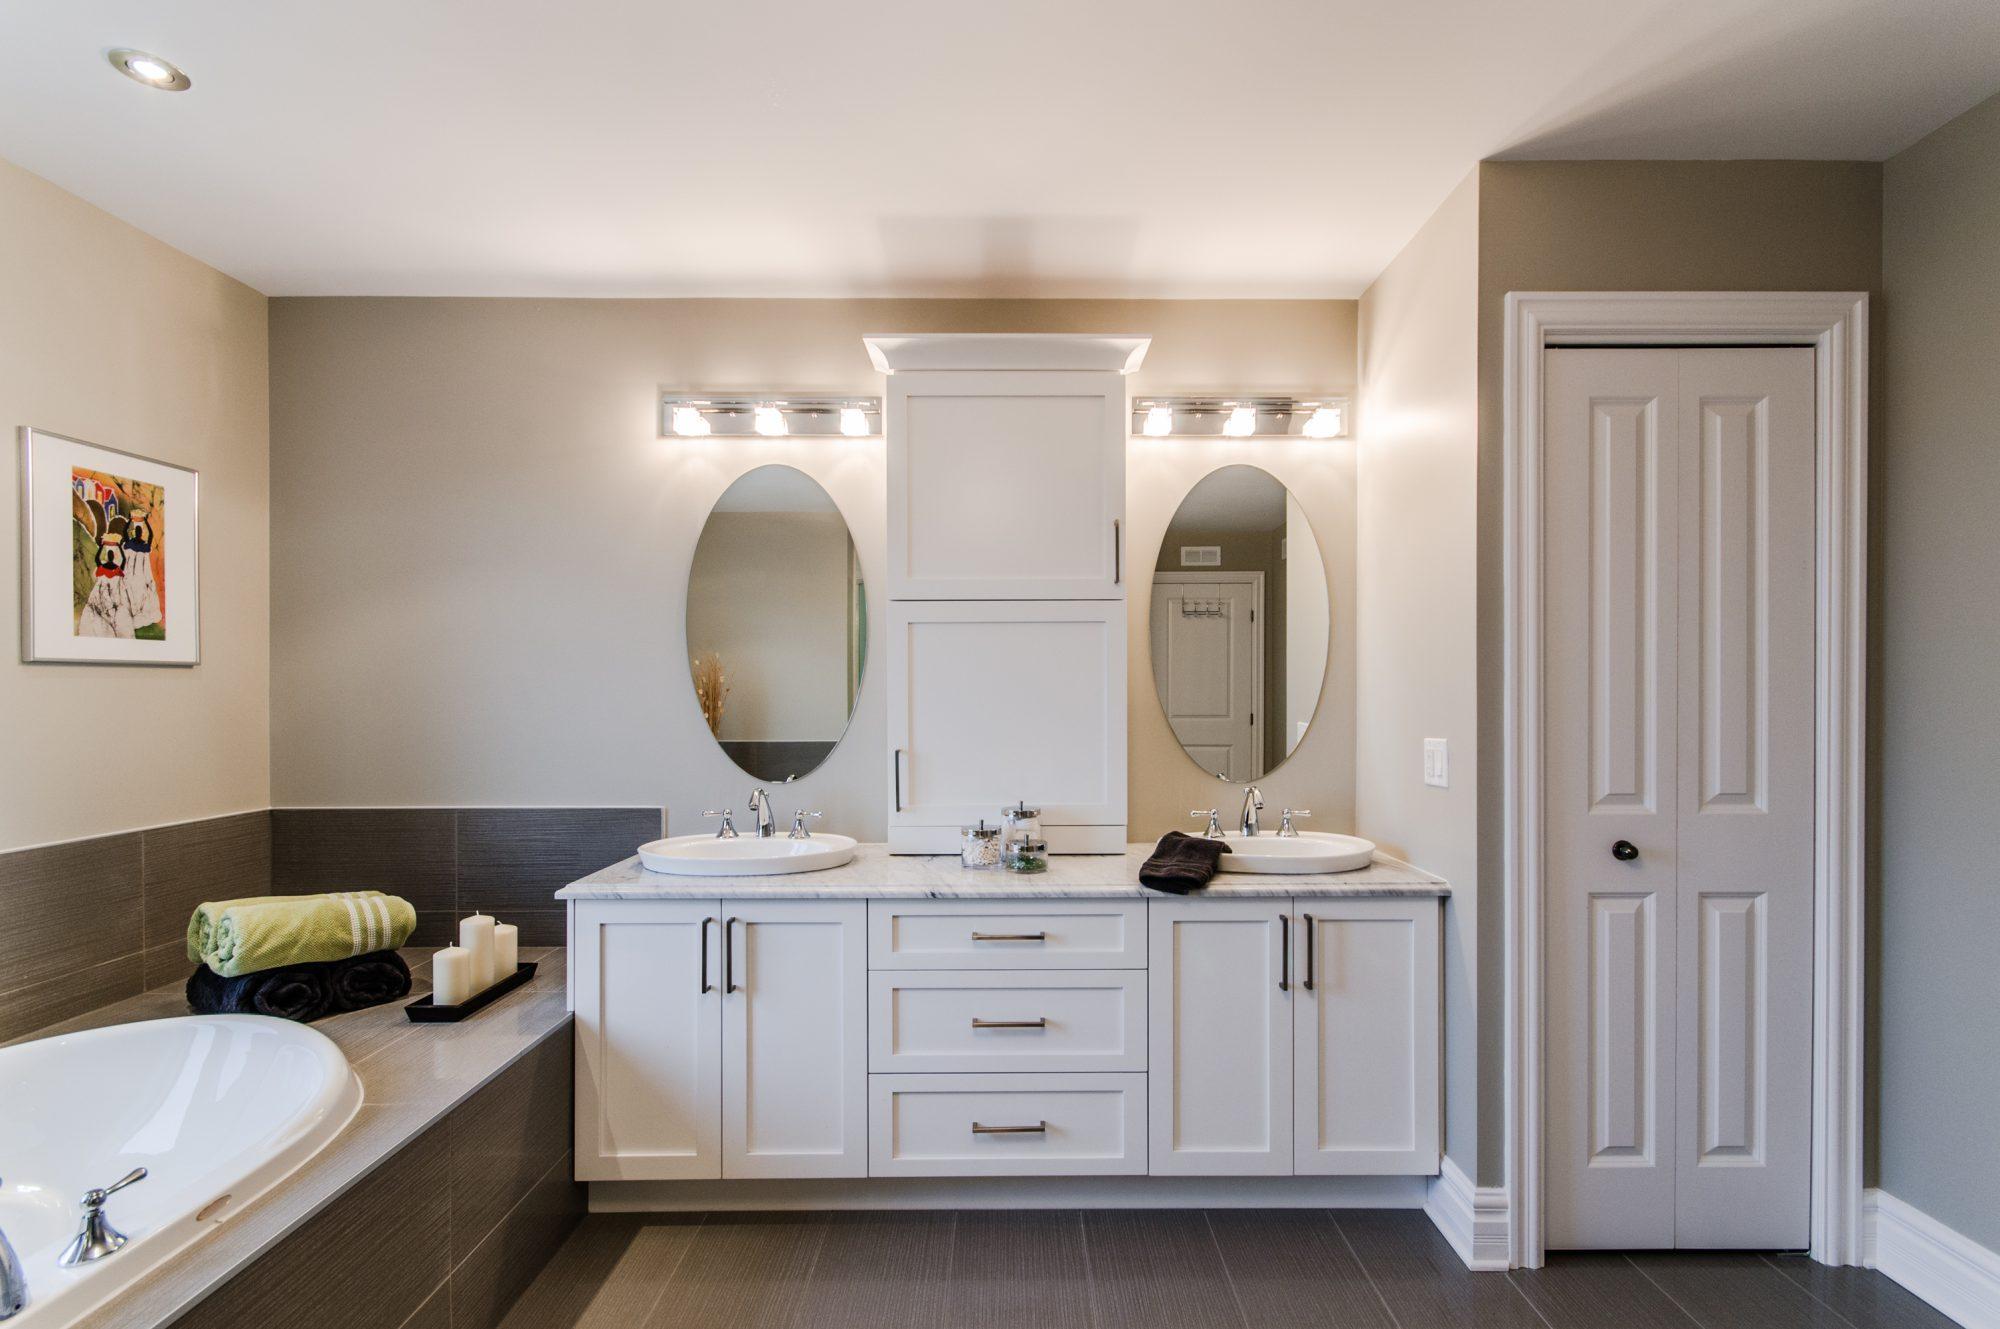 Salle de bains blanche contemporaine et meuble-lavabo double